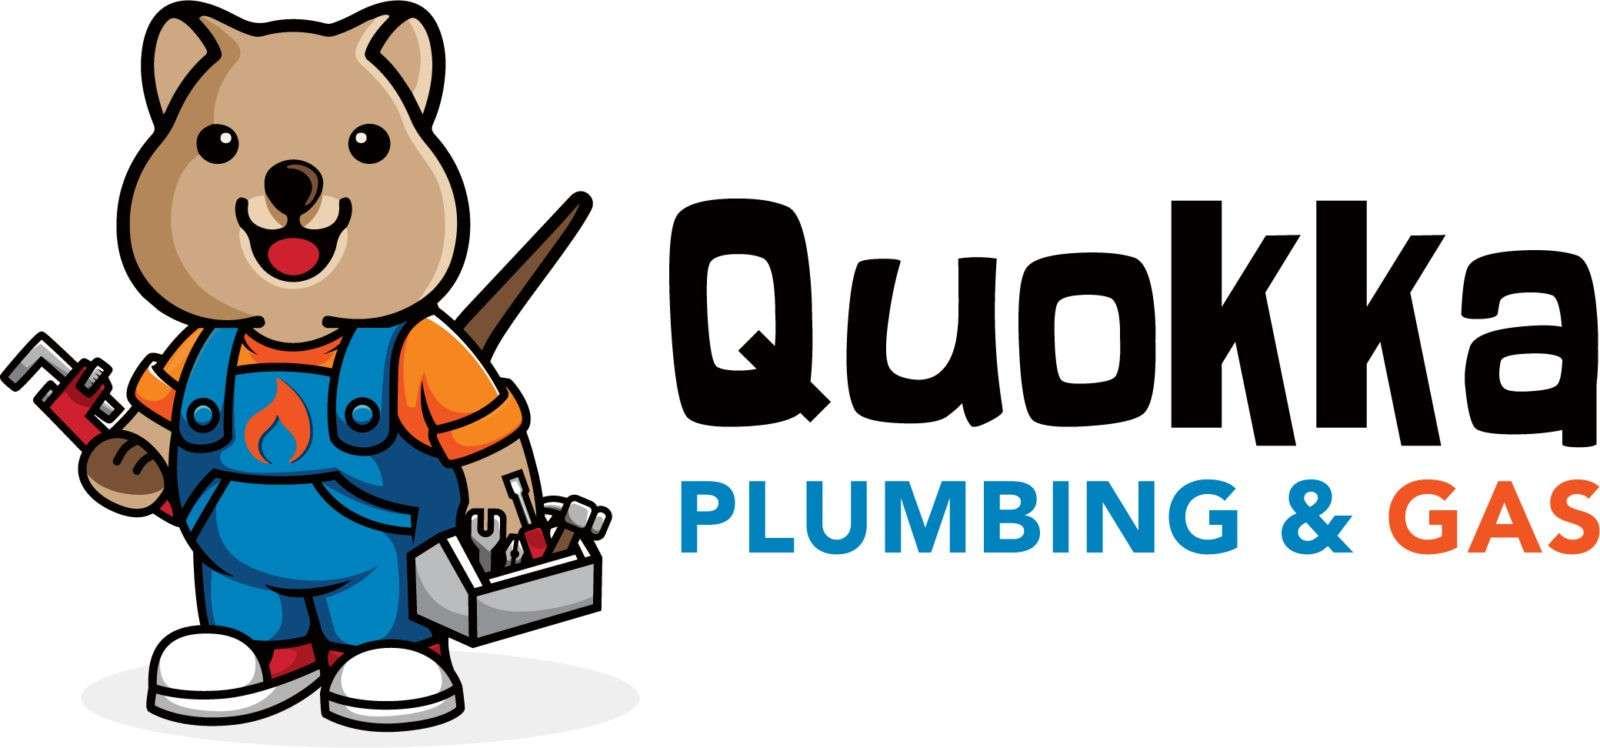 Quokka Plumbing